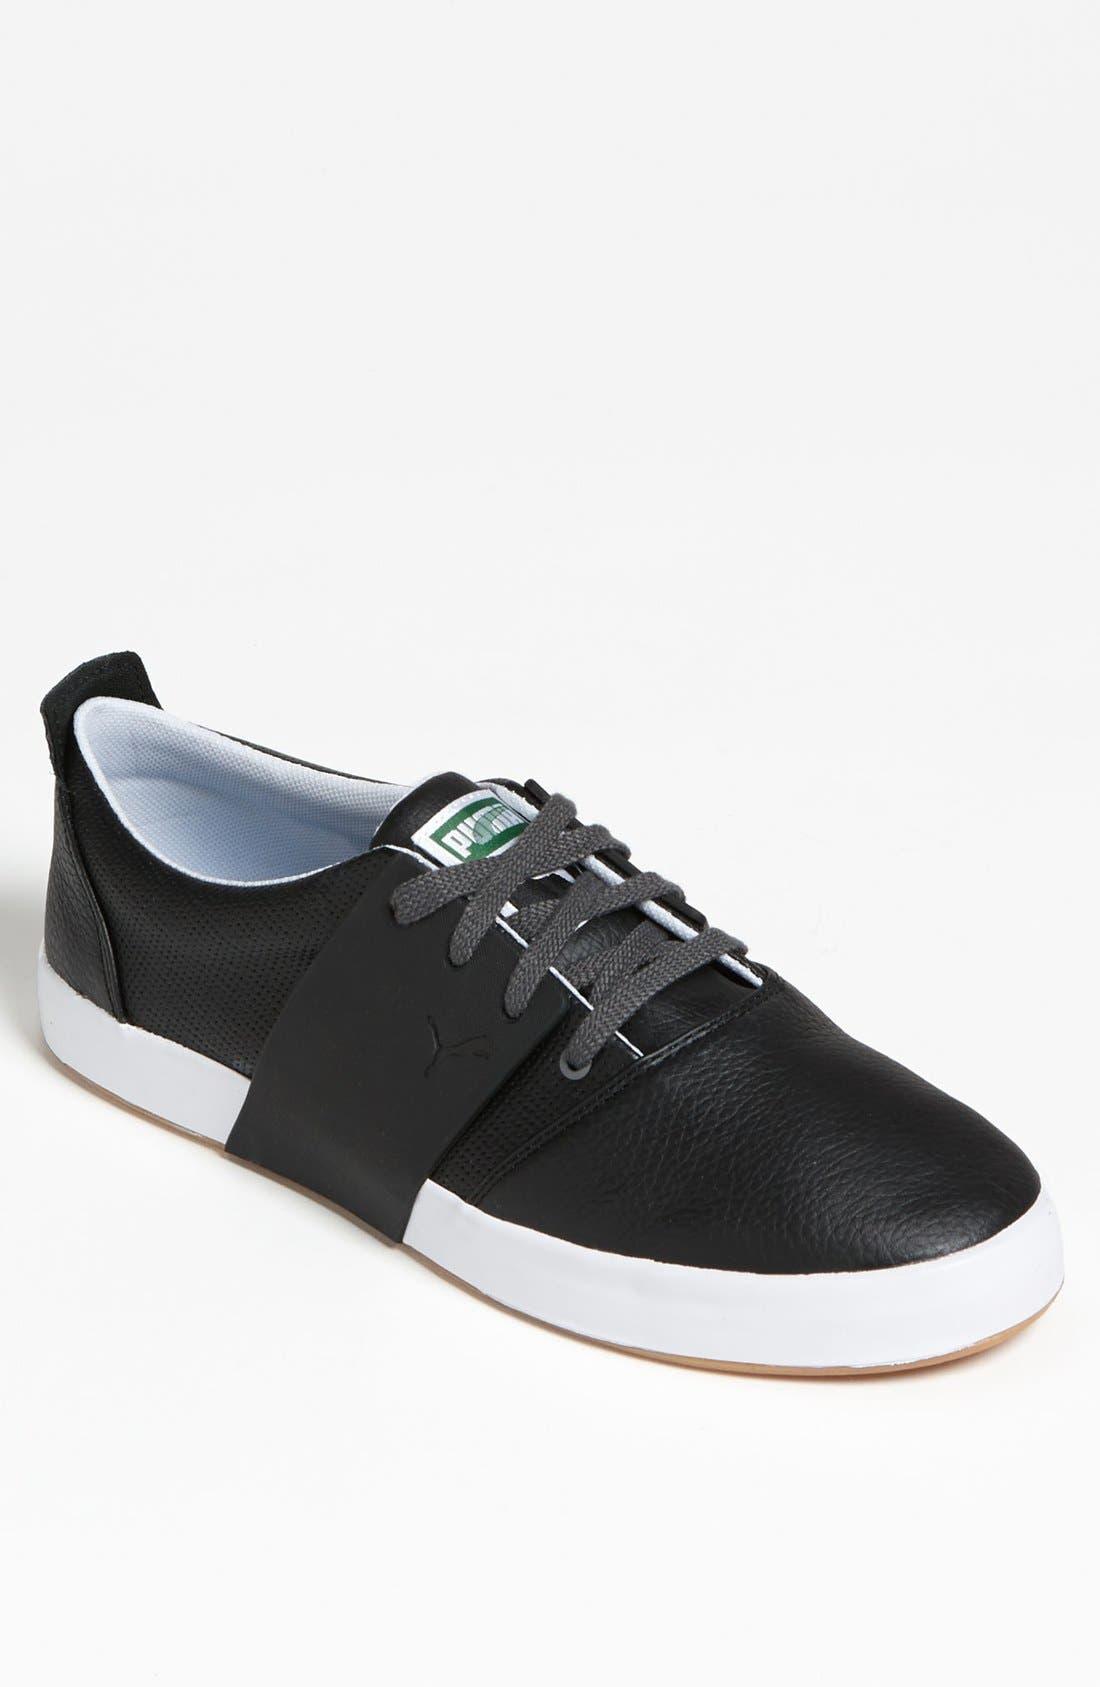 Main Image - PUMA 'El Ace 3 L' Sneaker (Men)